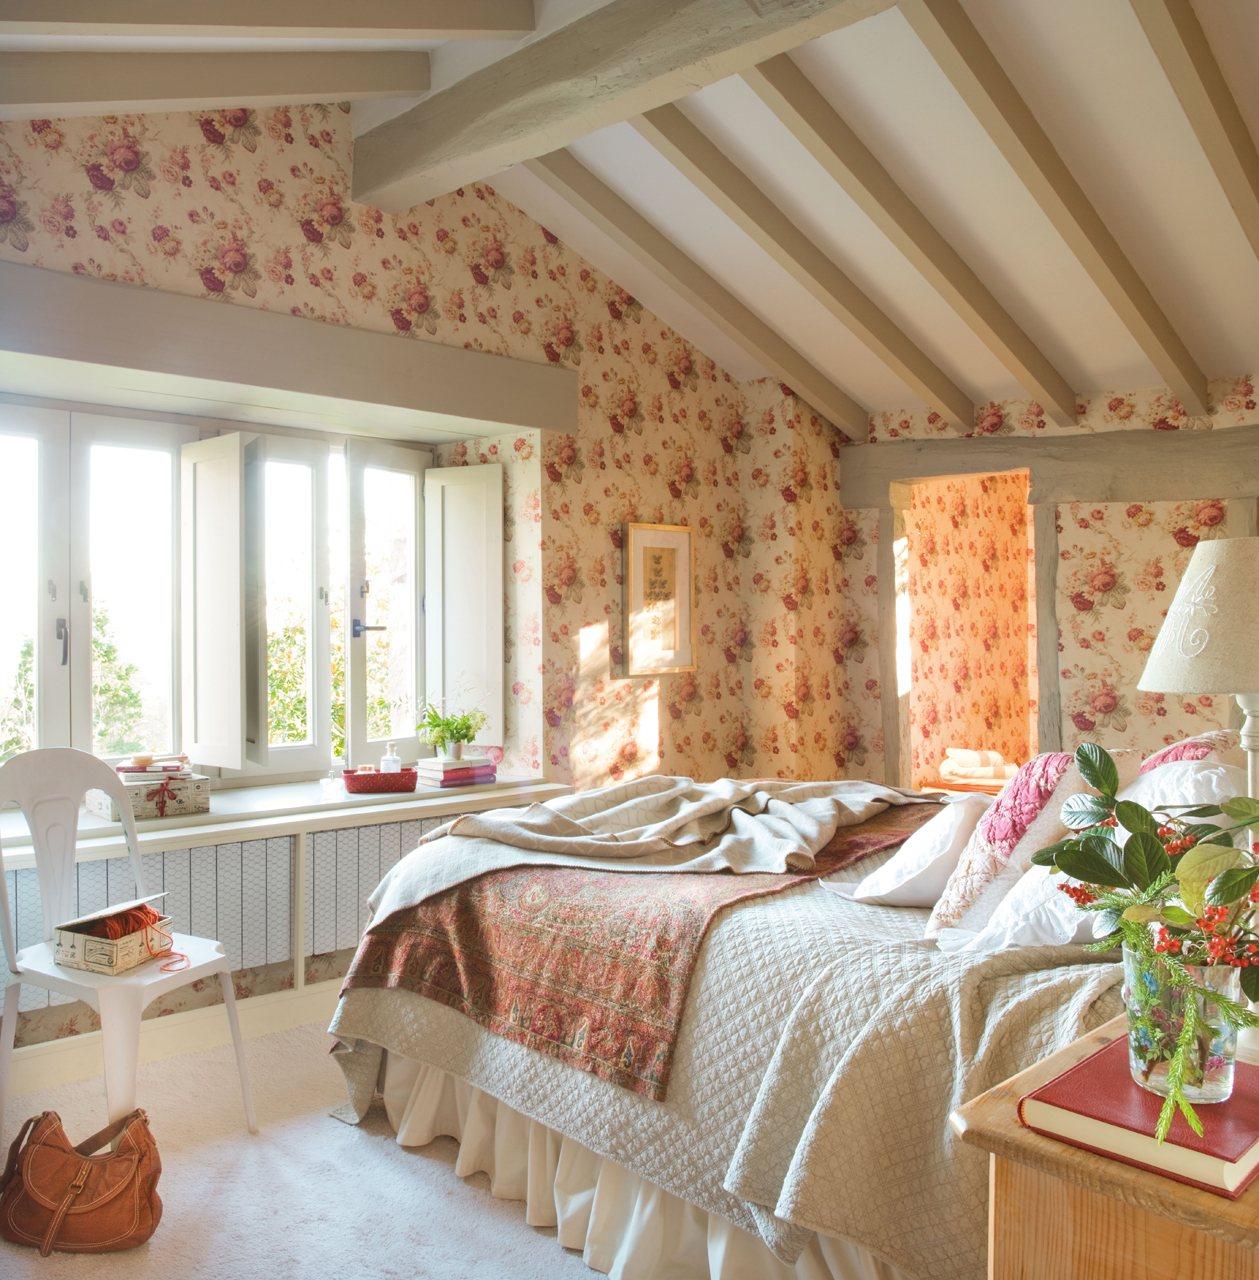 Vicky 39 s home una casa de cuento one story house - Papel pintado dormitorio principal ...